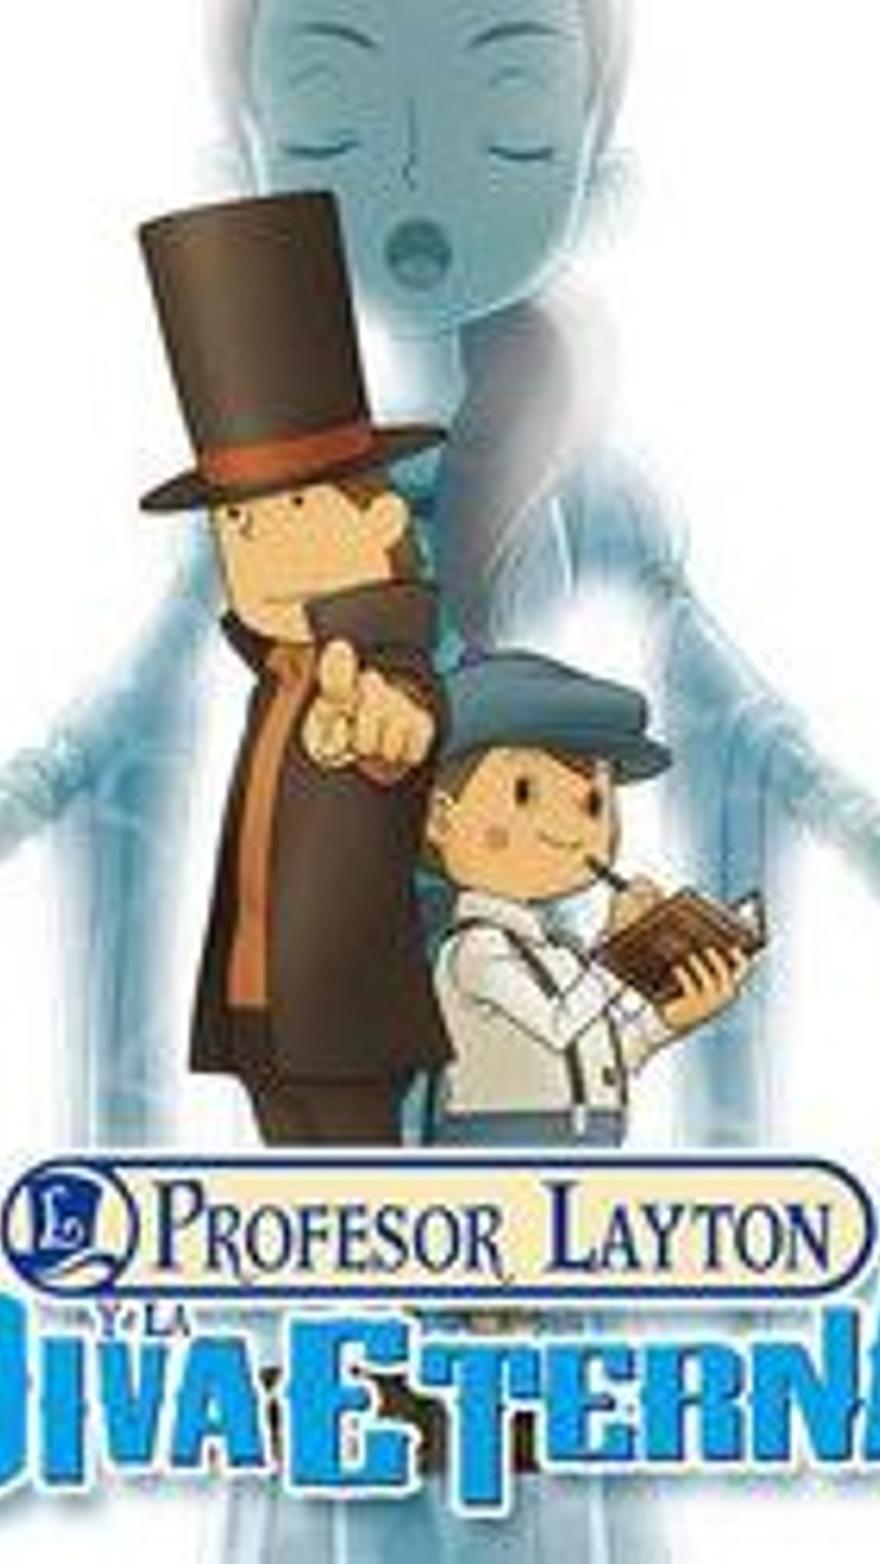 El profesor Layton y la diva eterna